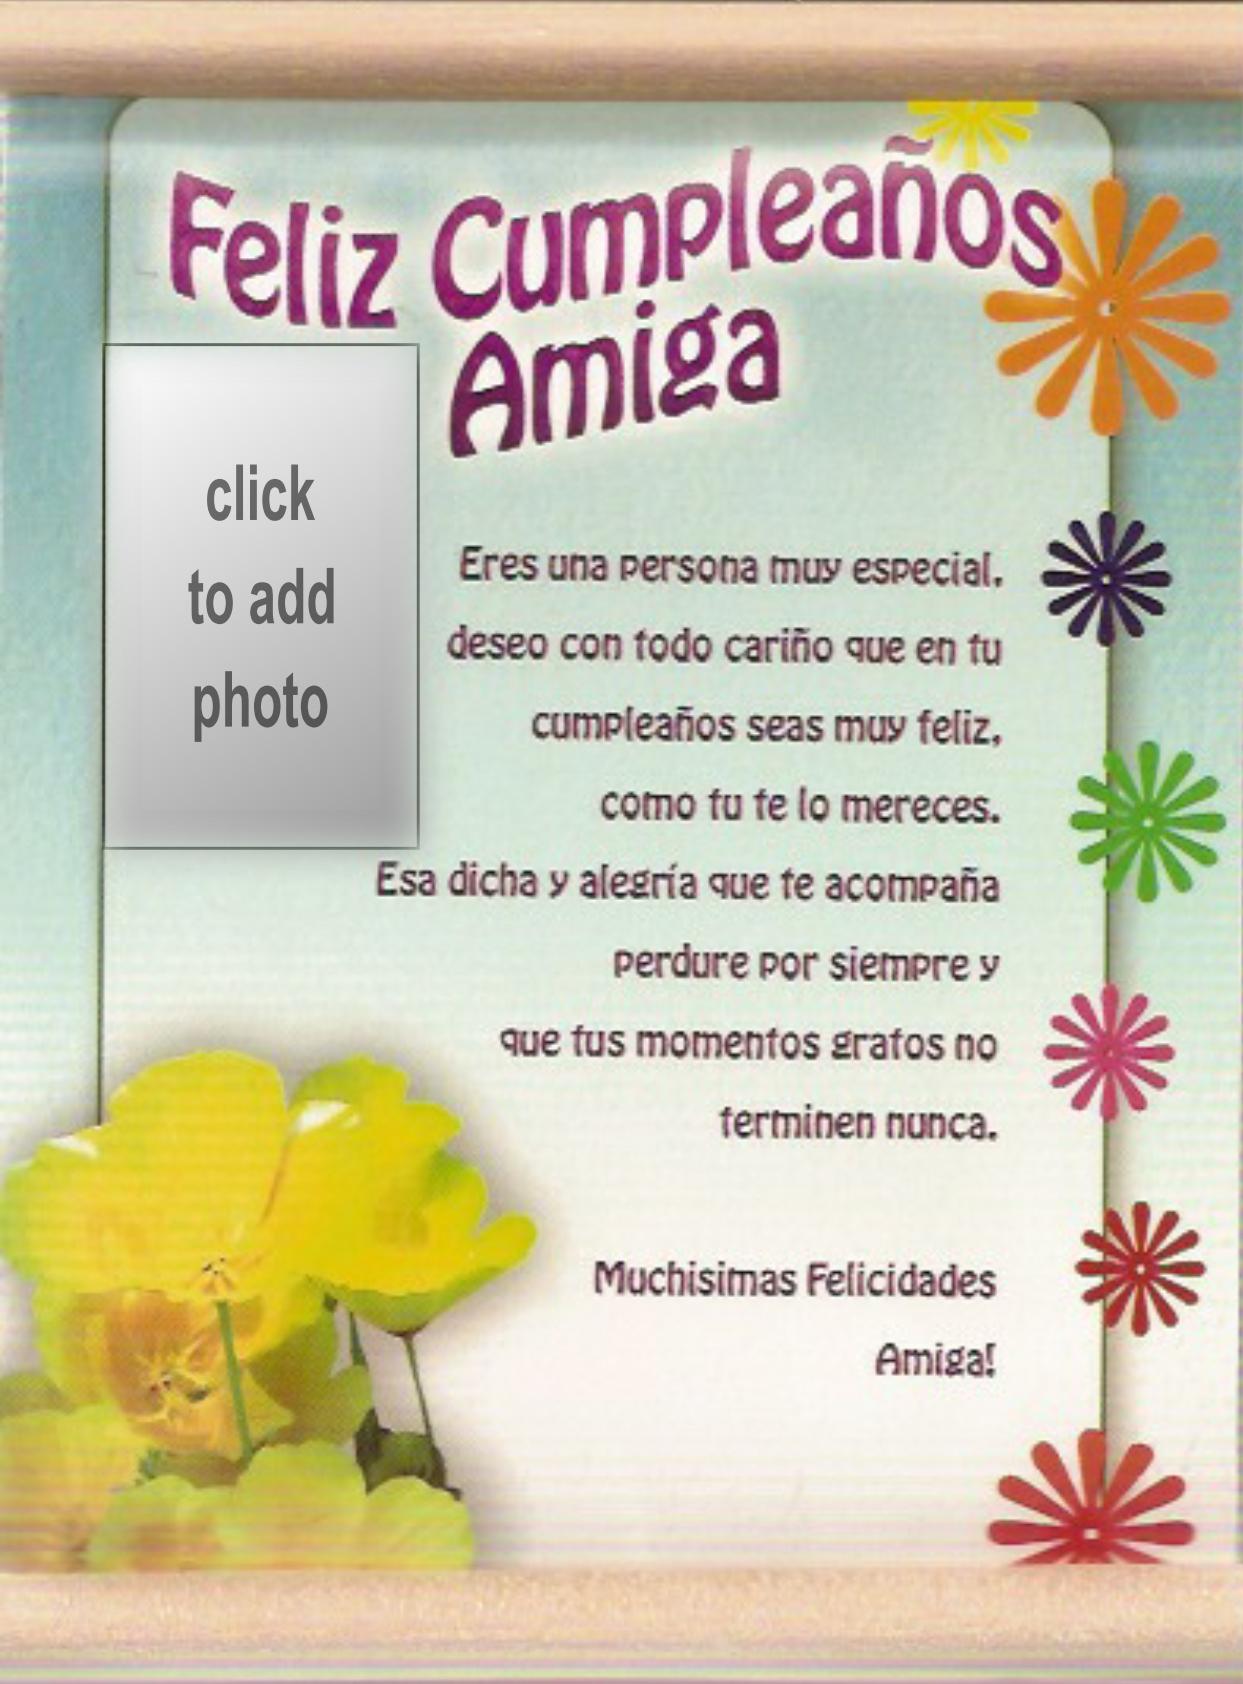 Imikimi Zo - Birthday Frames - 2008 April - 2008 July - Feliz ...